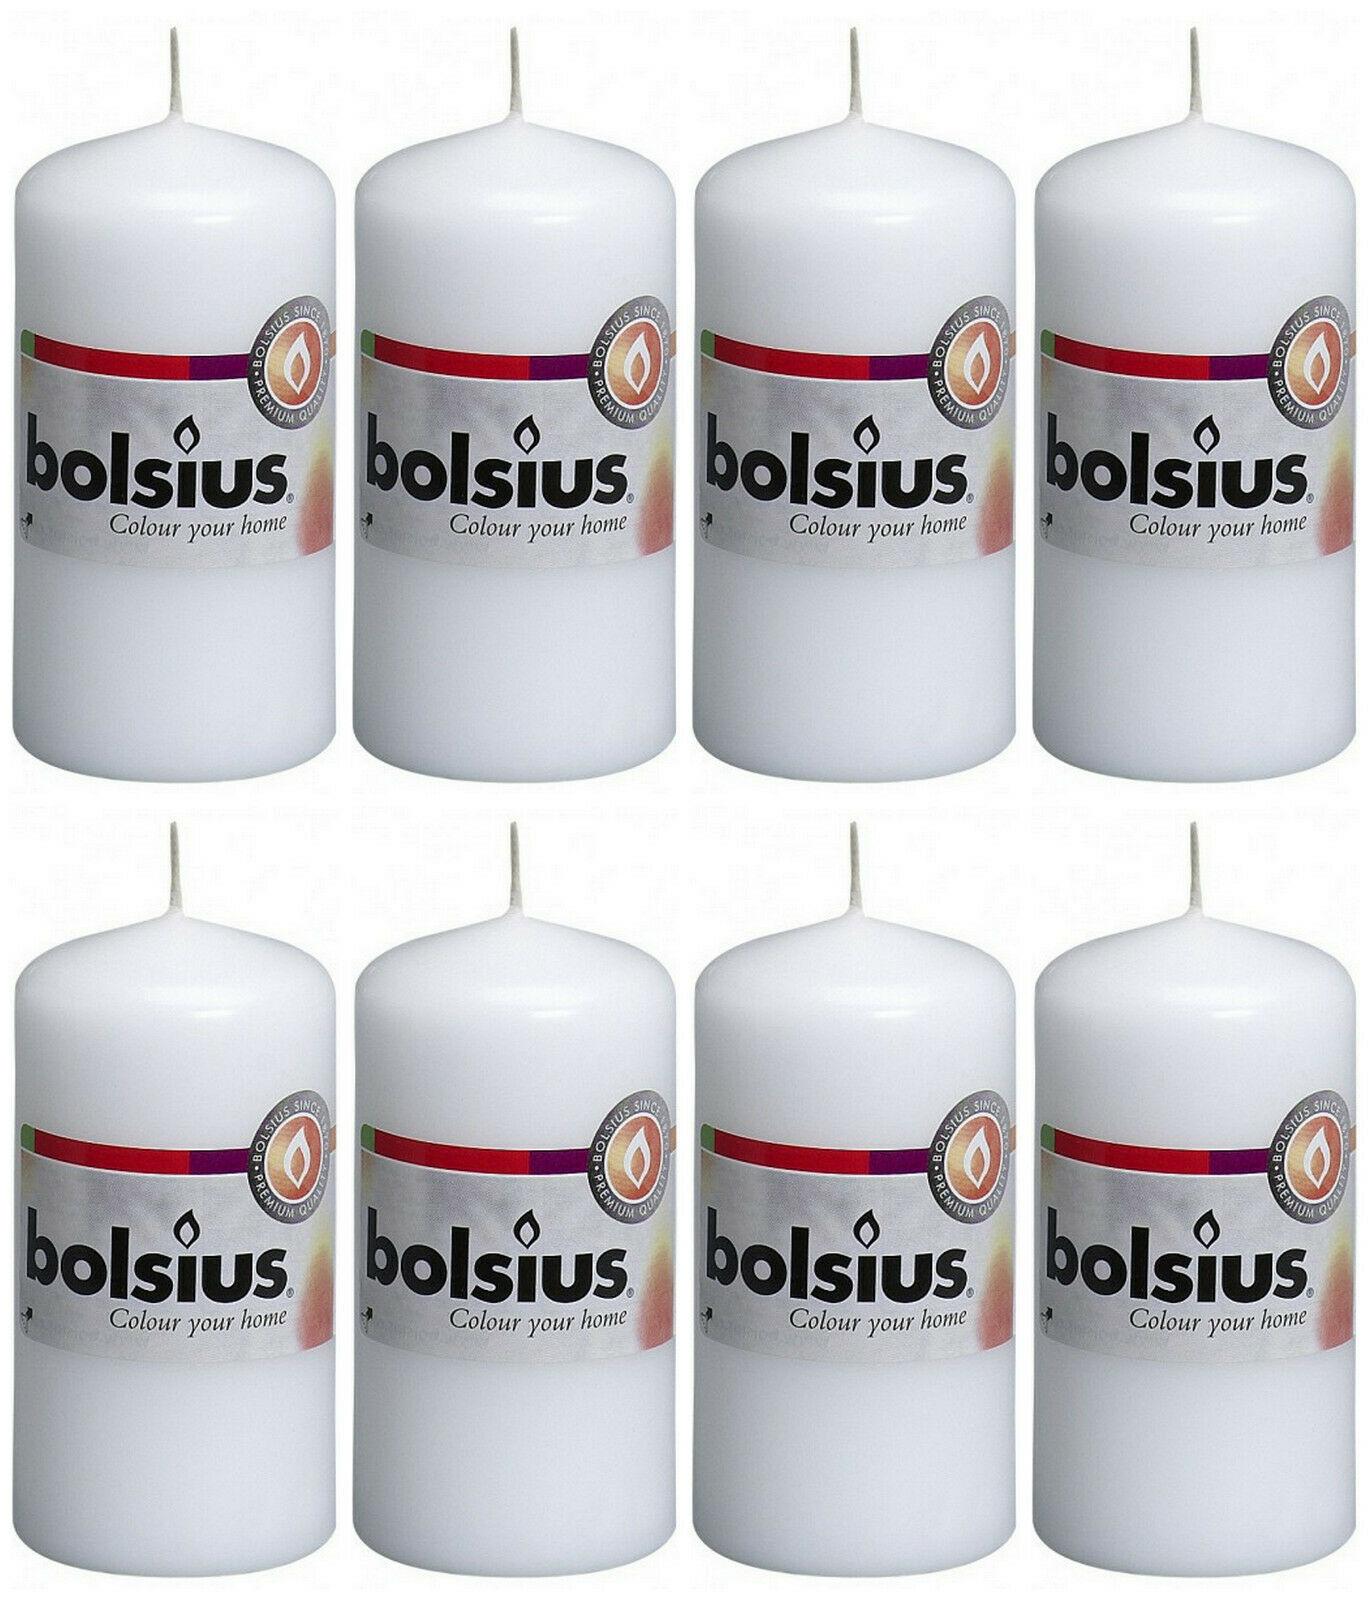 8 Stück Bolsius Stumpenkerzen 100 x 50 mm Stumpen Kerze Candle Rot, Weiß - Weiß